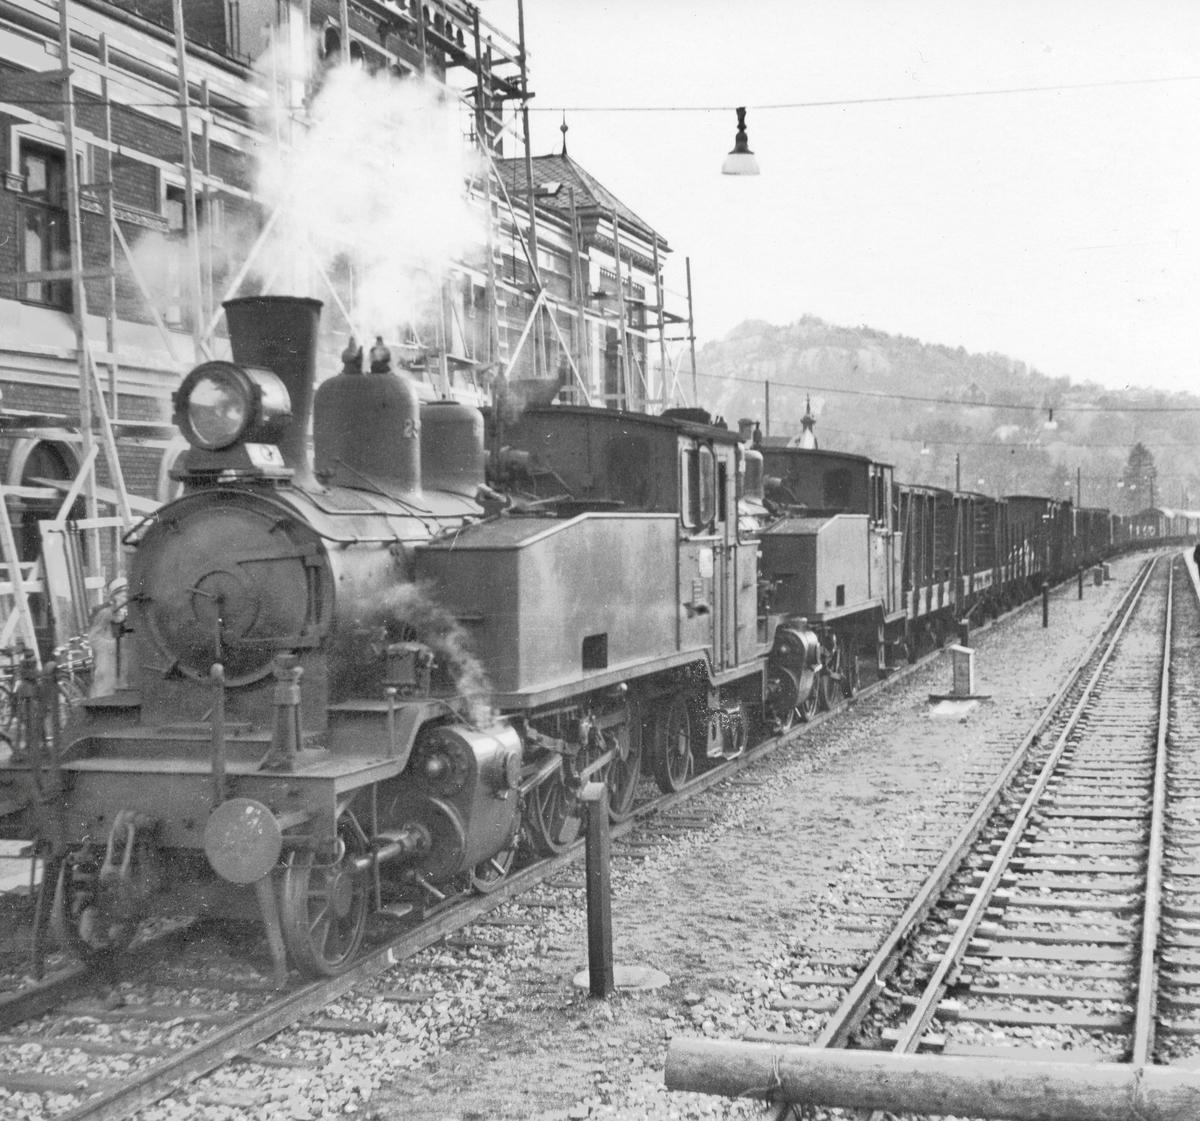 Et av de første normalsporede godstogene ankommer Kristiansand stasjon. Toget trekkes av damplokomotiv 20b 250 (nærmest) og 20b 249.